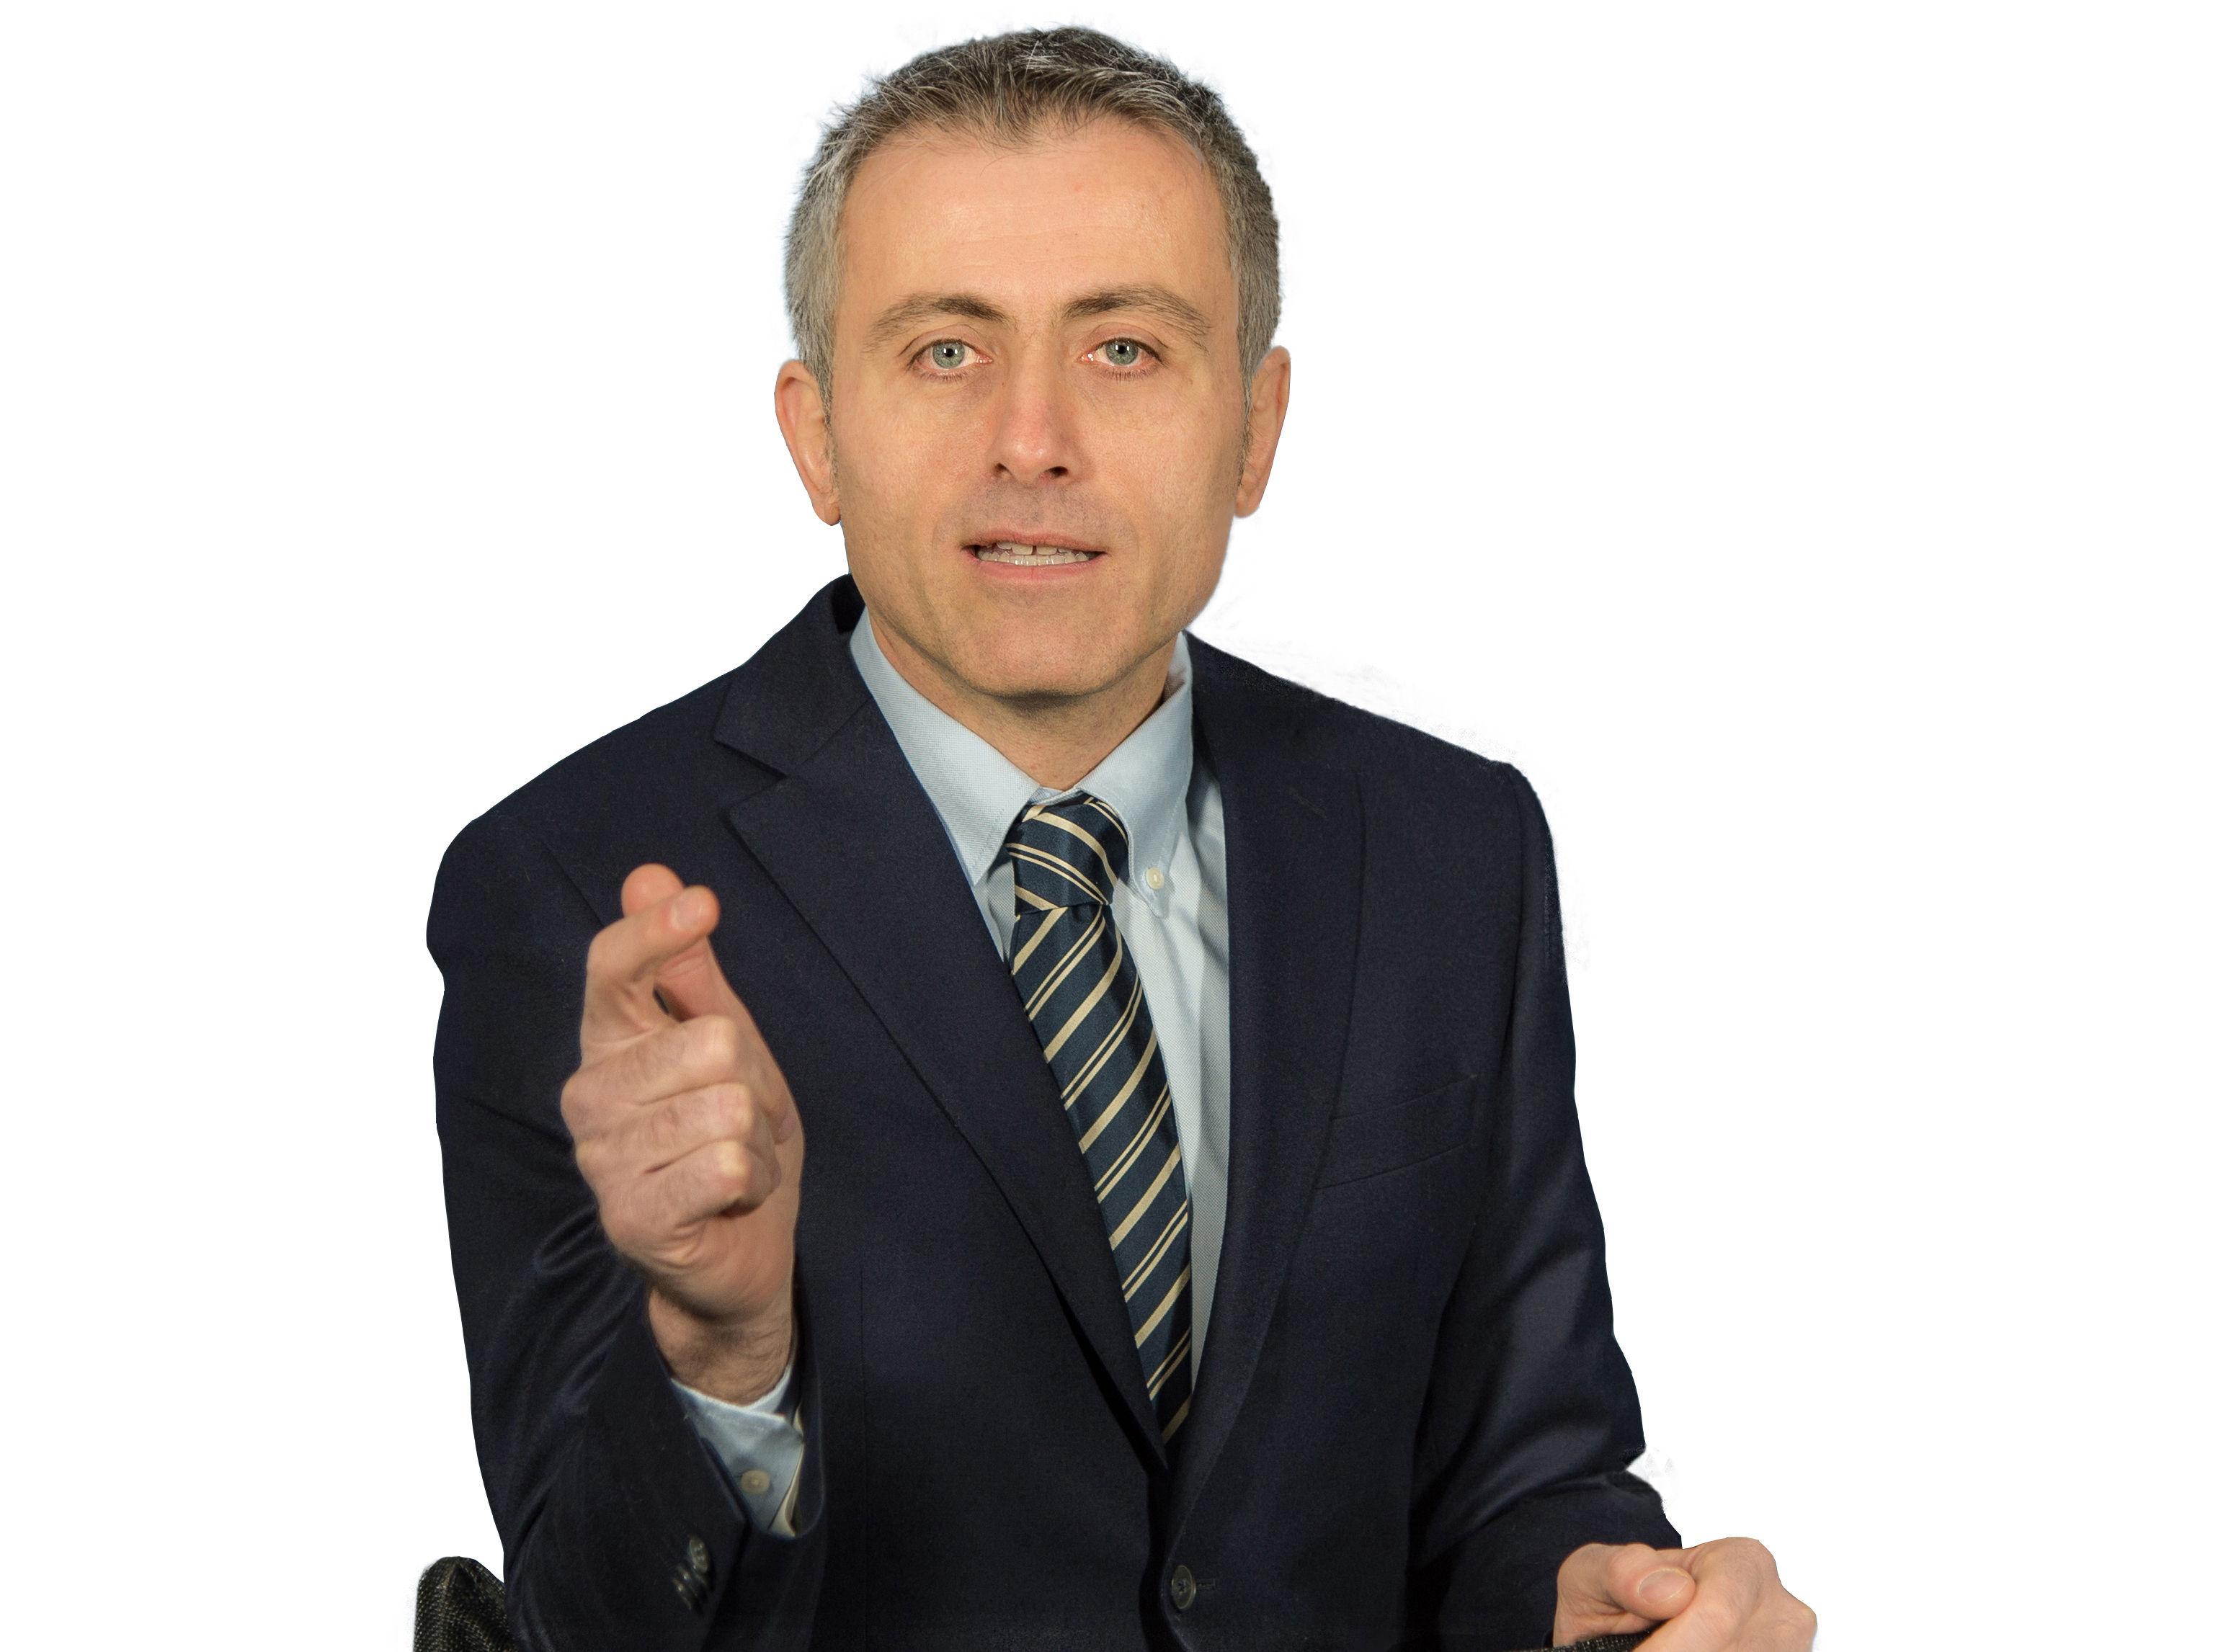 Ordine Ingegneri Bologna, lettera di fine mandato: il ringraziamento dell' Ing. Andrea Gnudi